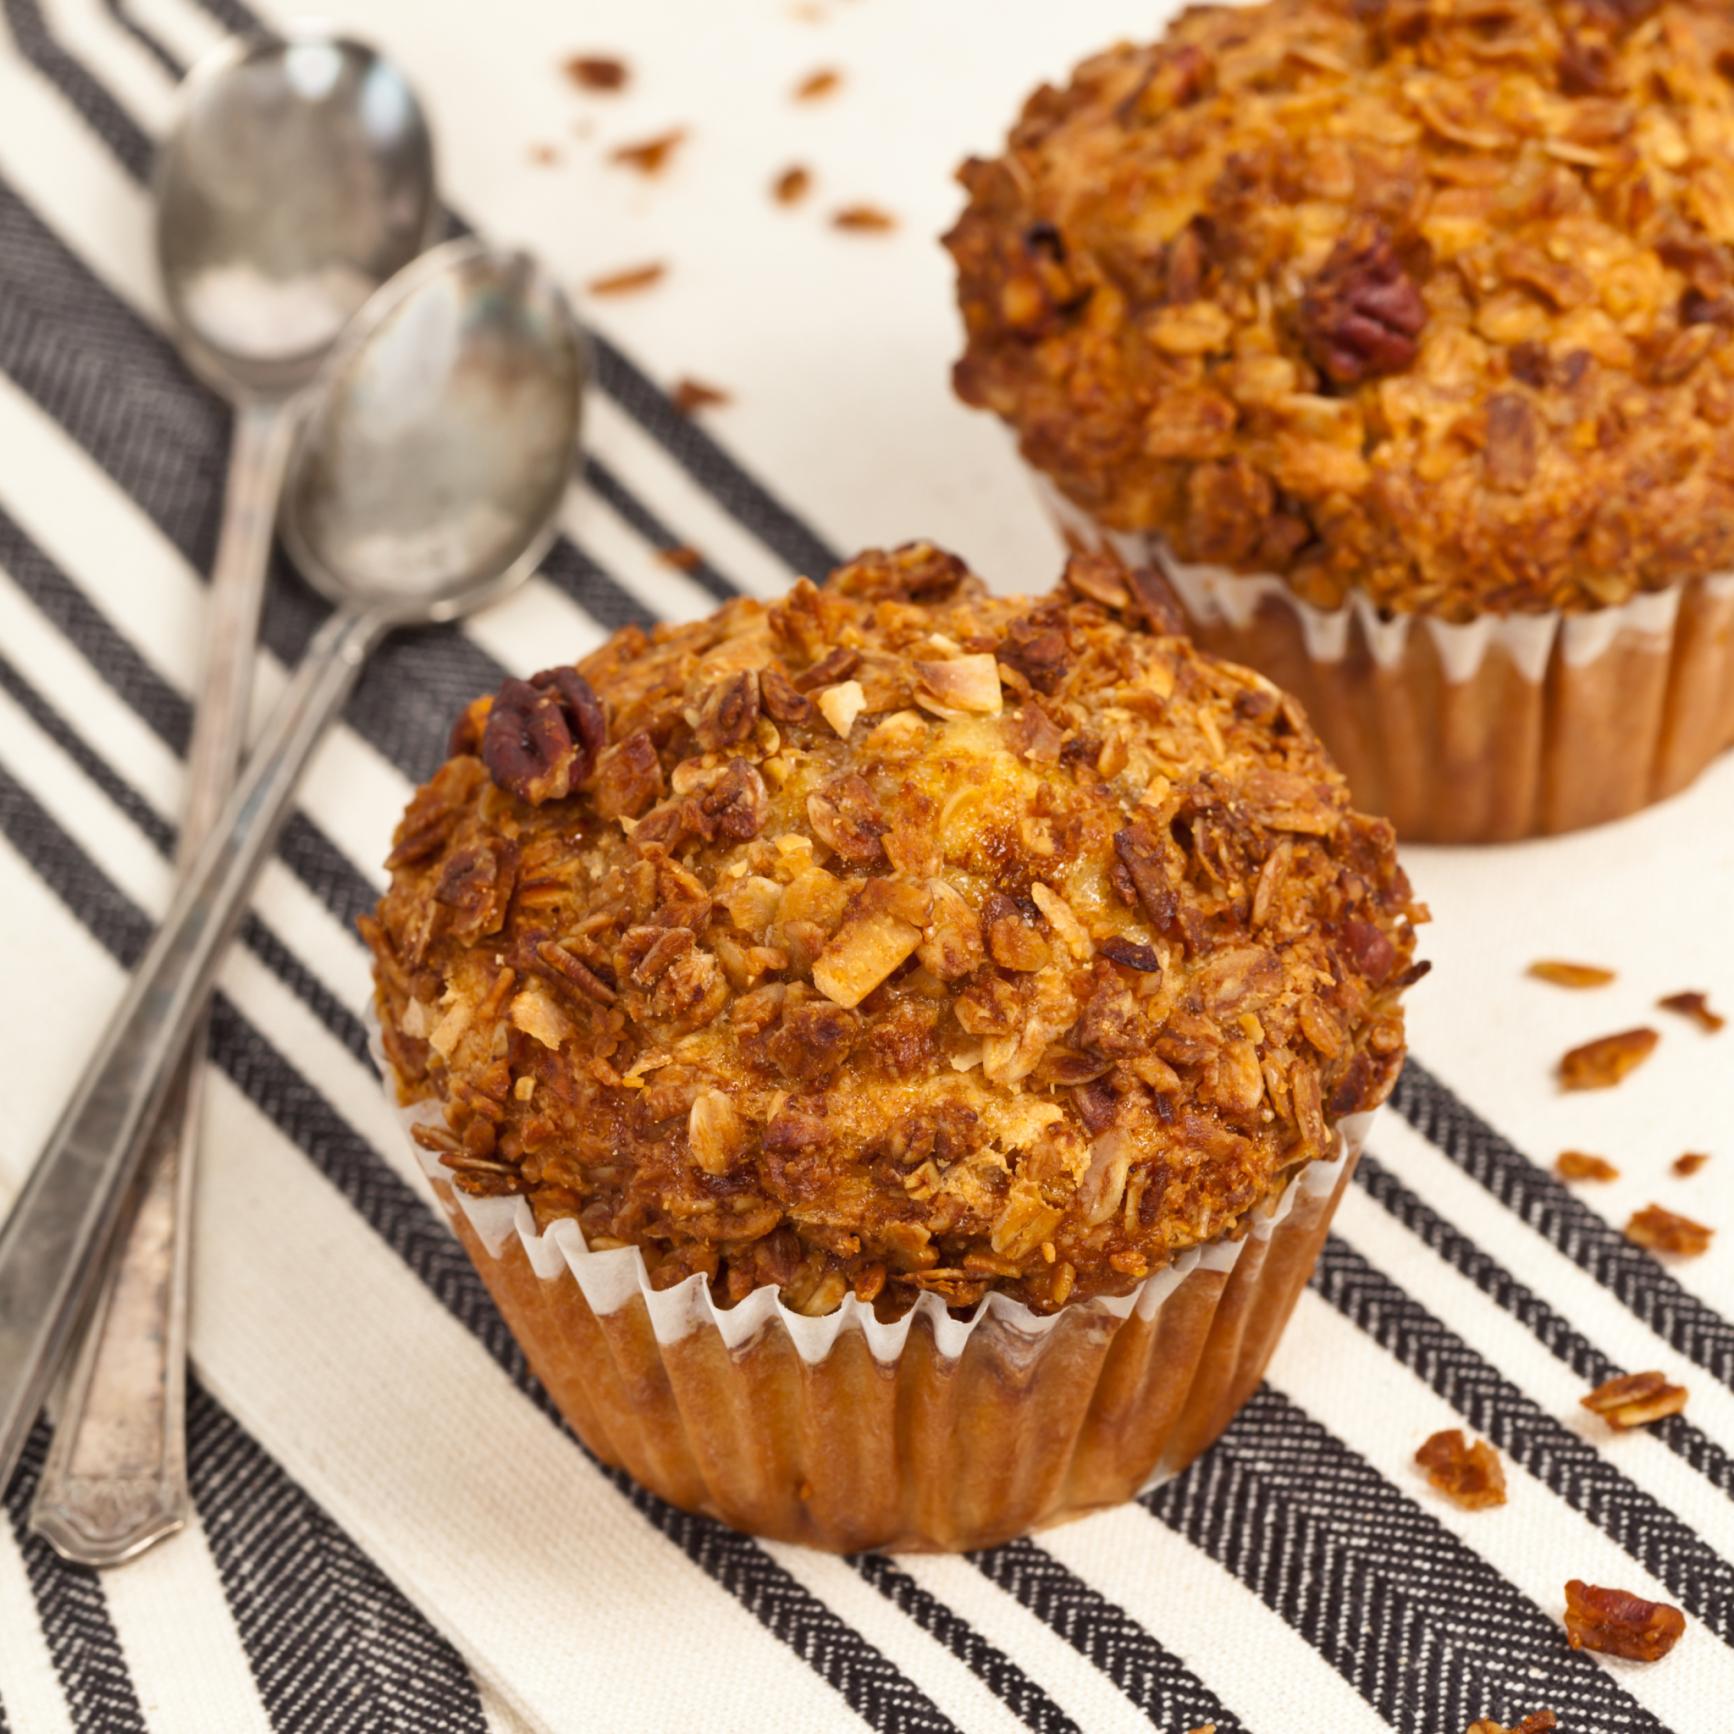 Muffin con crumble de cereales